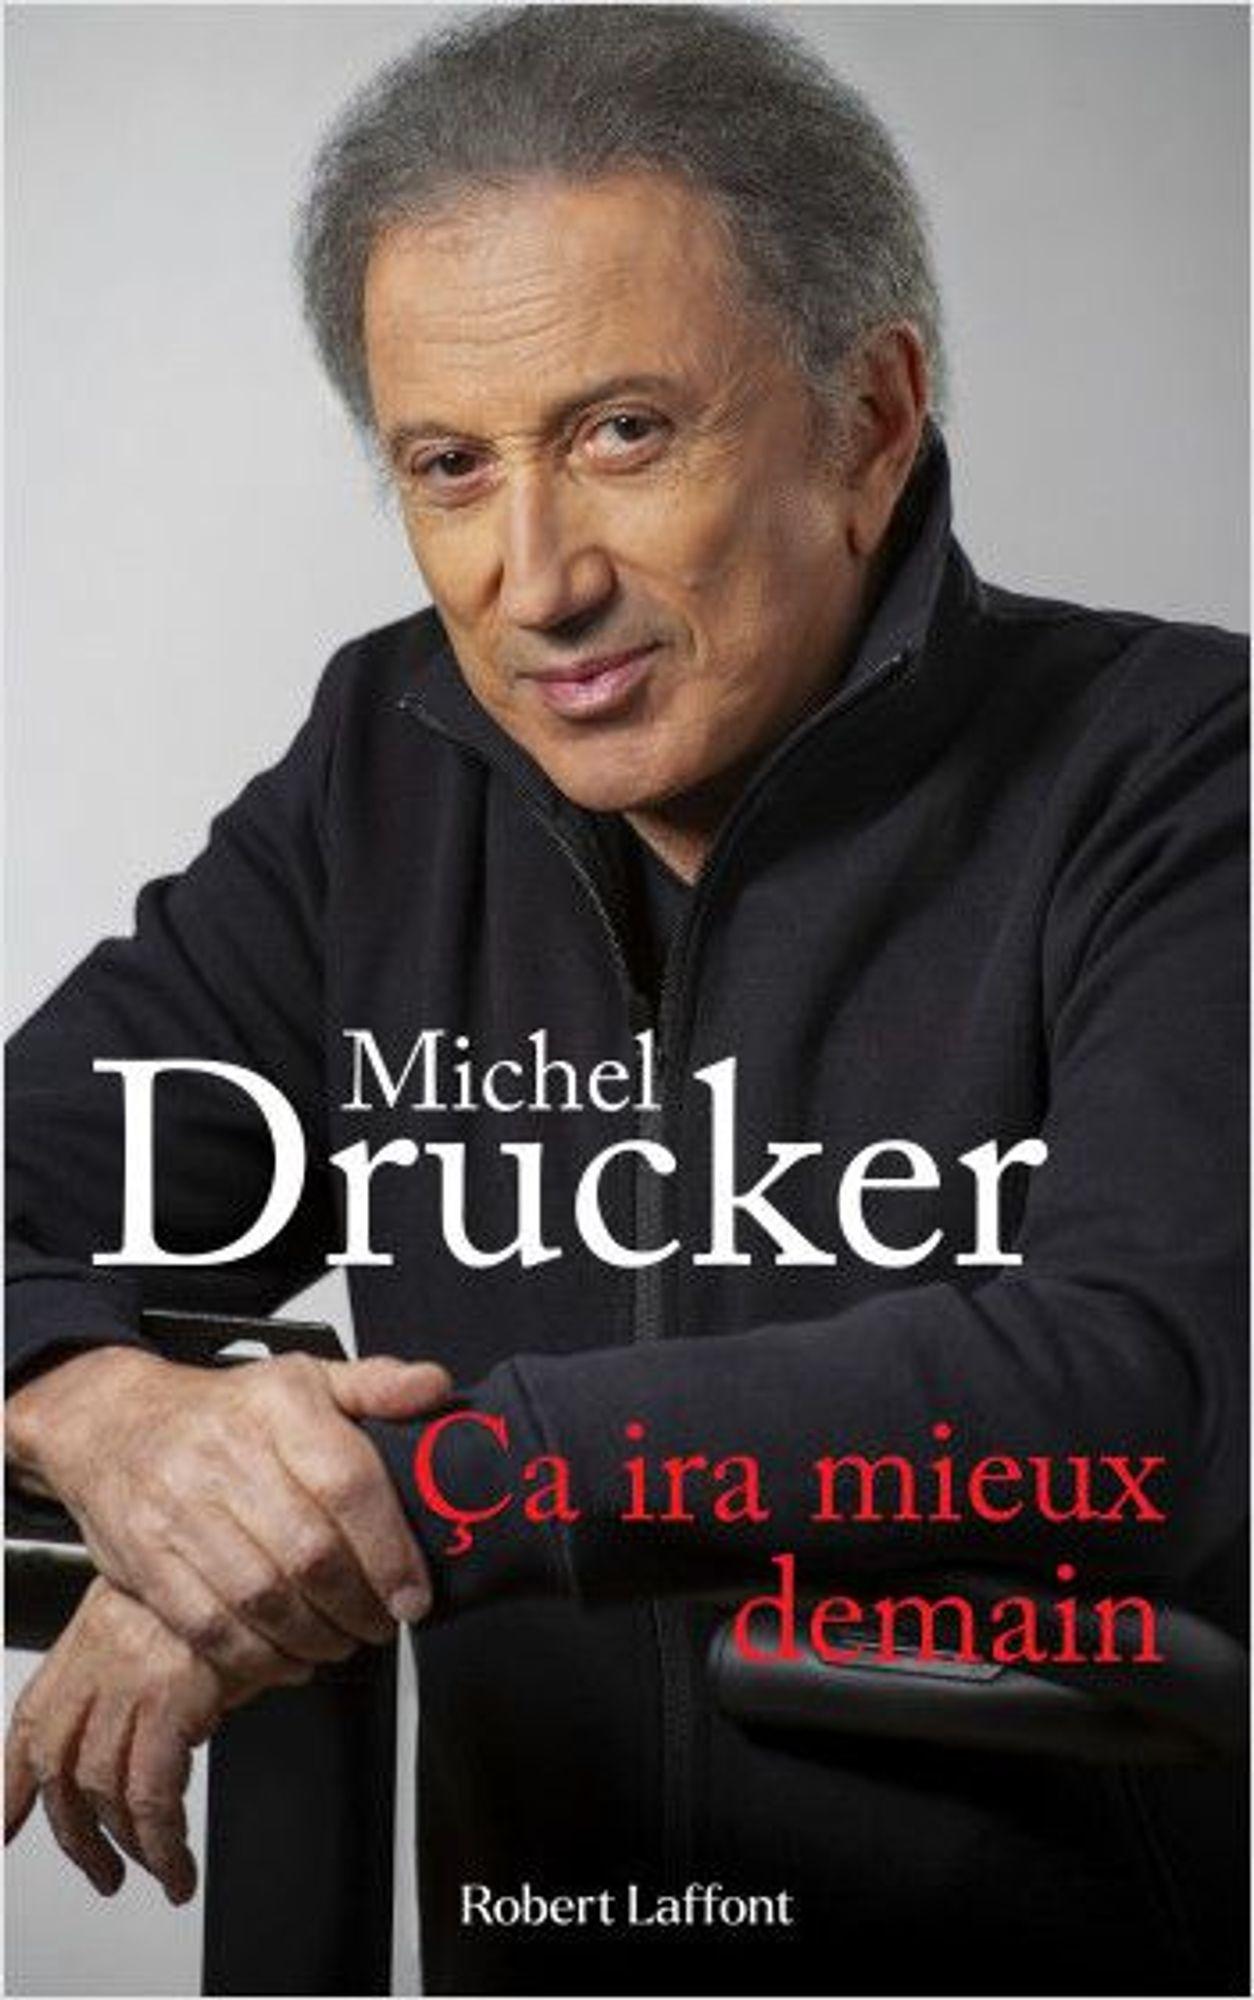 Michel Drucker Sur Radio VFM